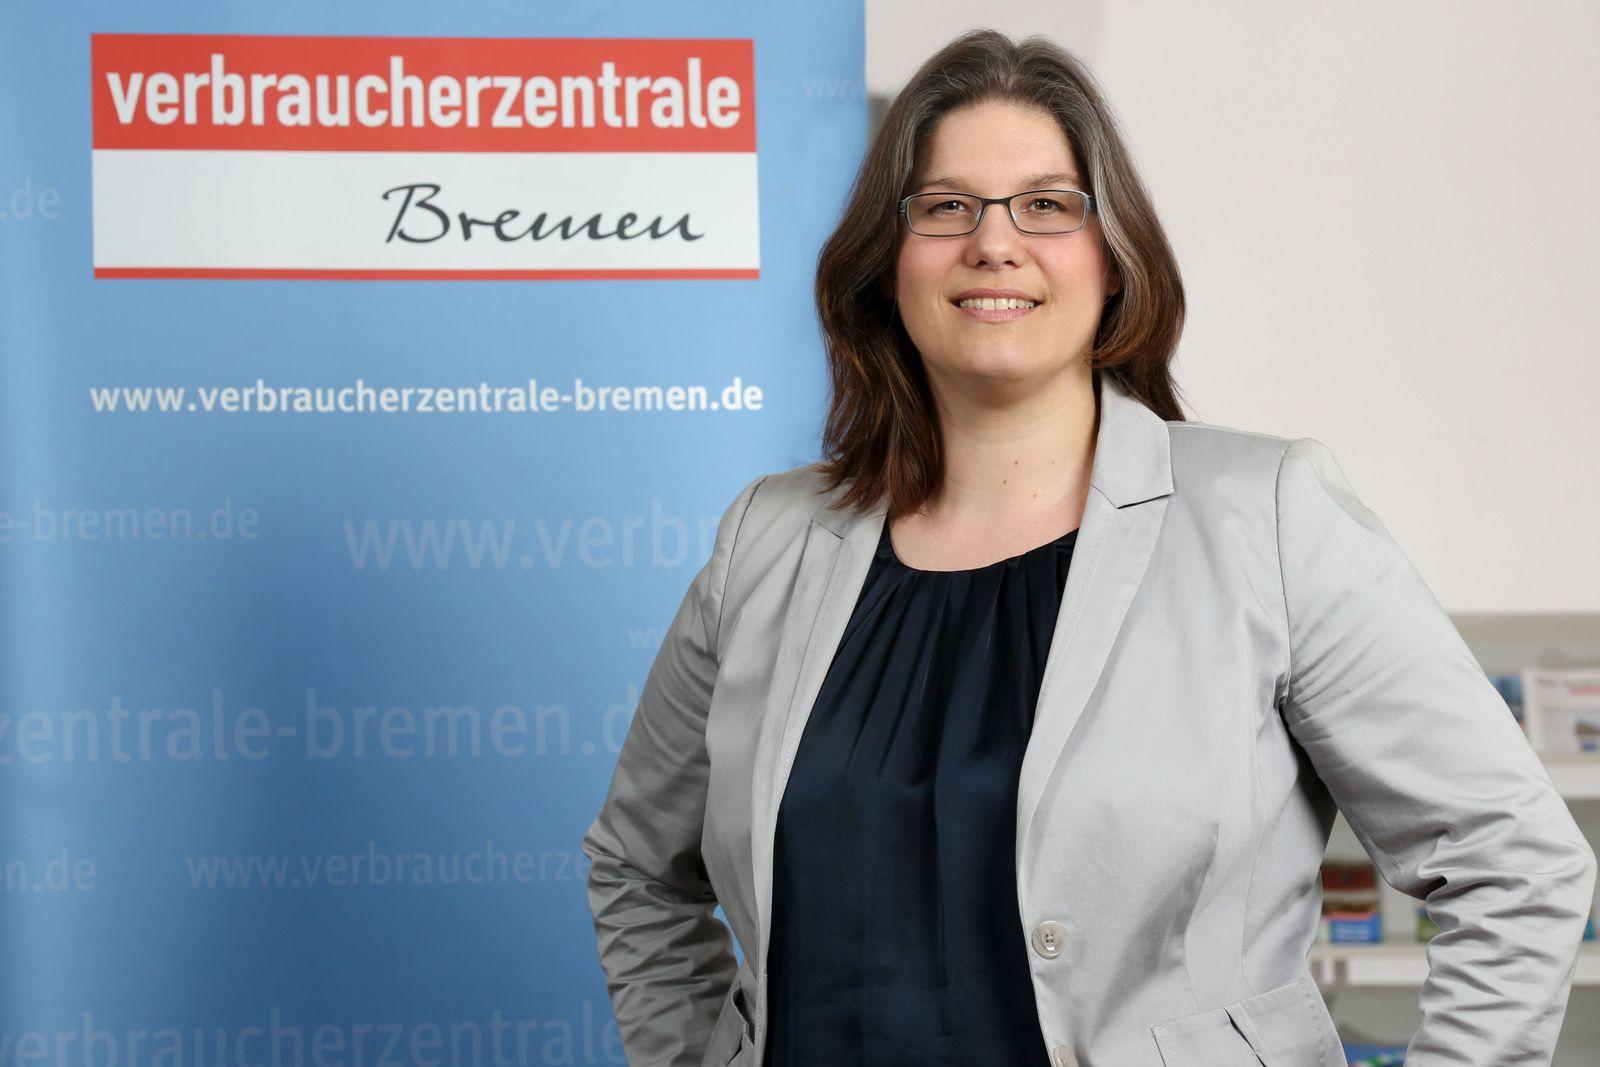 EINMALIGE VERWENDUNG Verbraucherzentrale Bremen